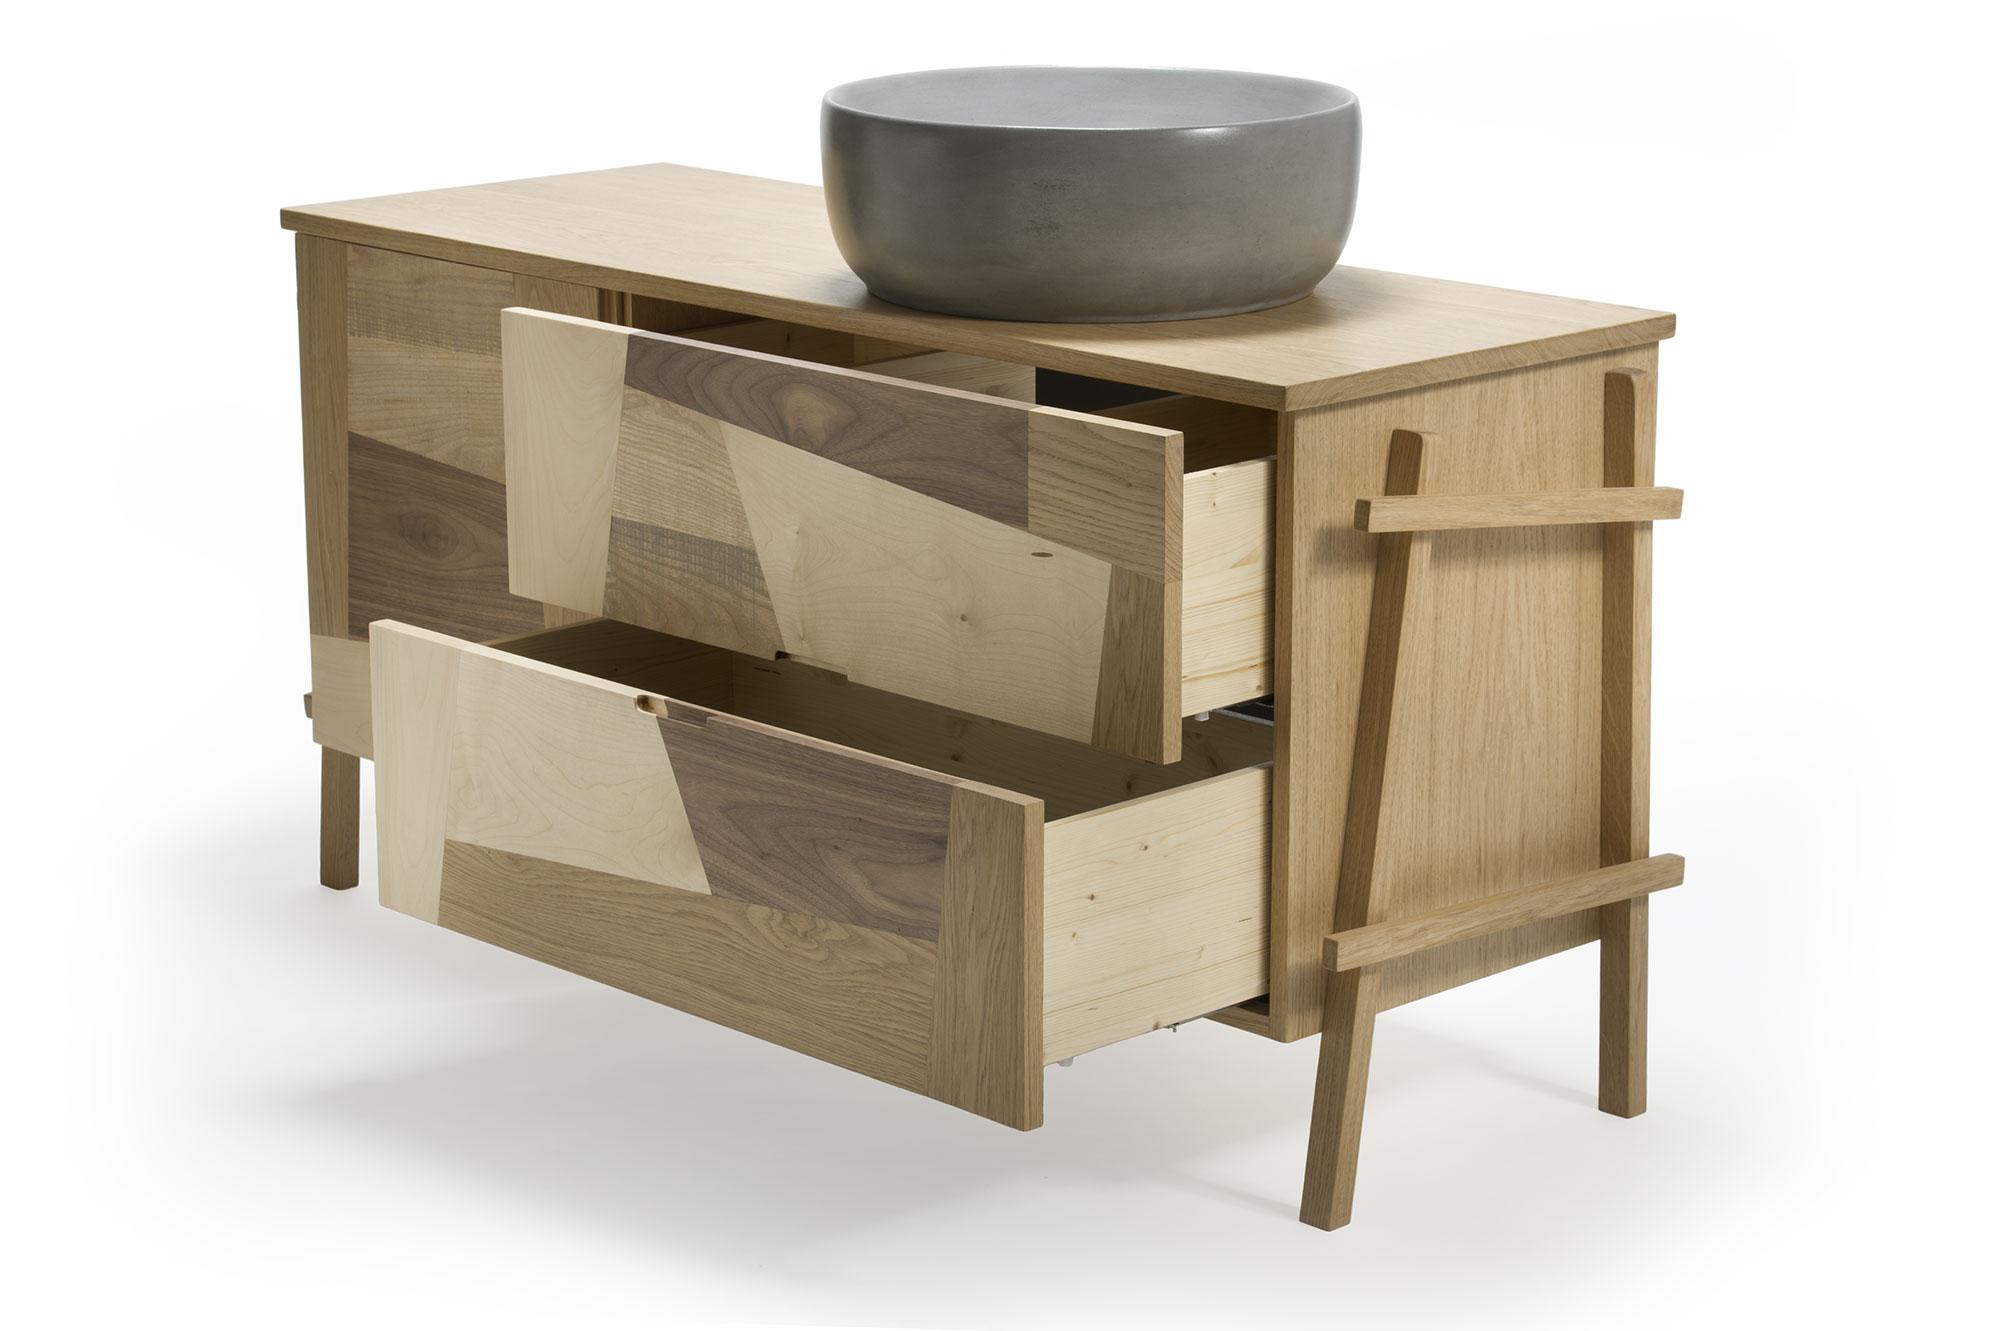 Mobile bagno cassetti legno massello e vasca Maidea